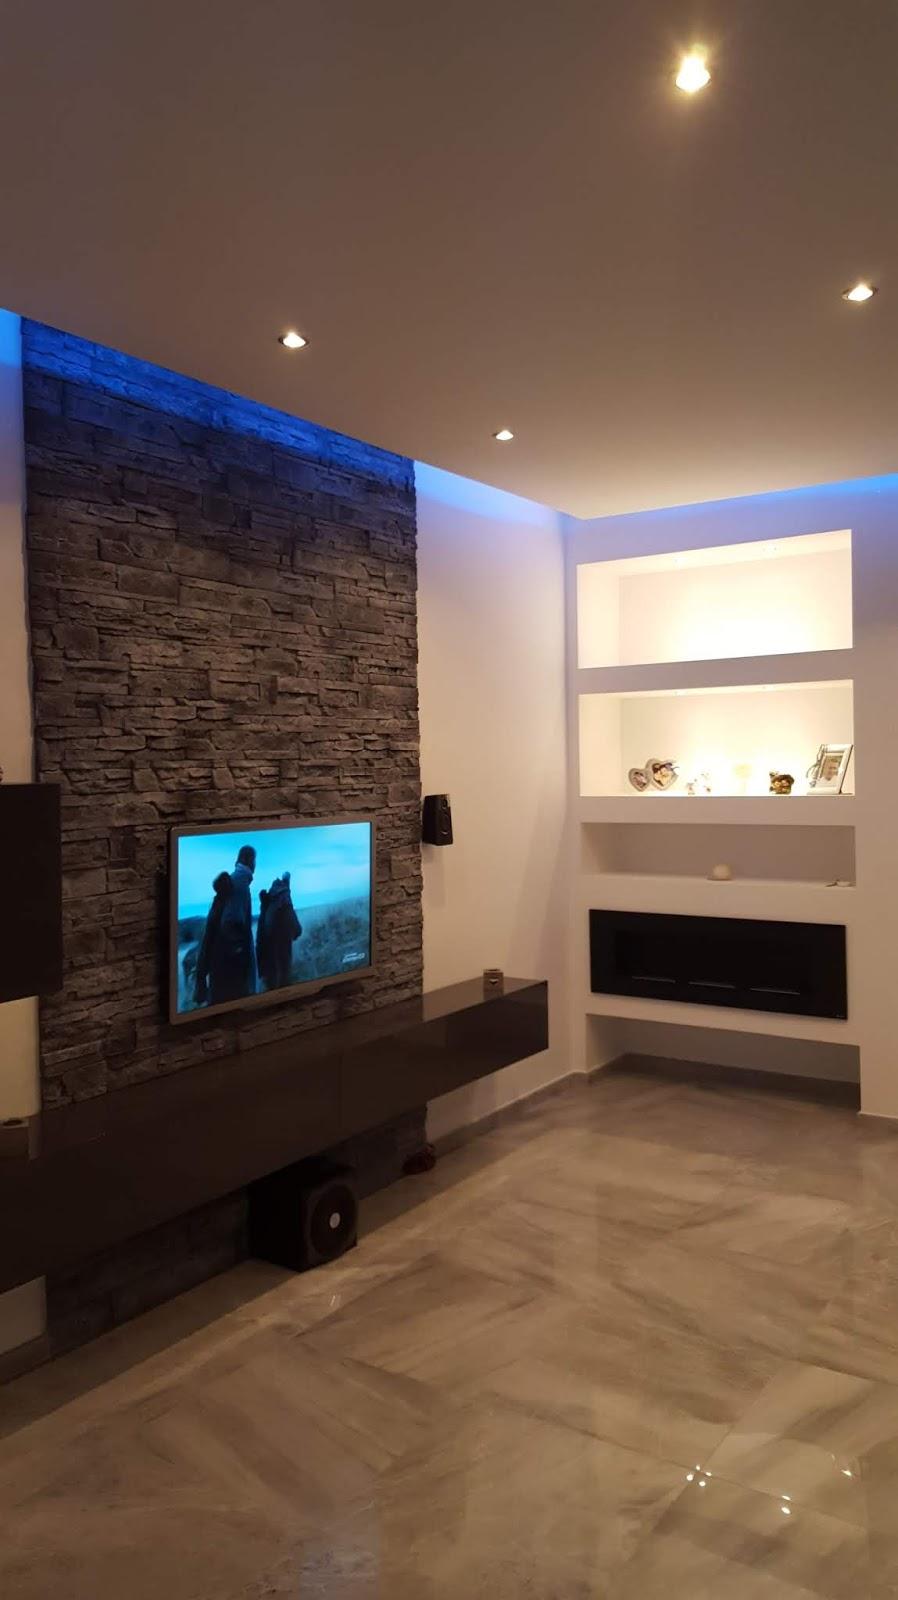 Mensole In Cartongesso Ad Angolo una casa a colori: luci led e calde atmosfere - corsico